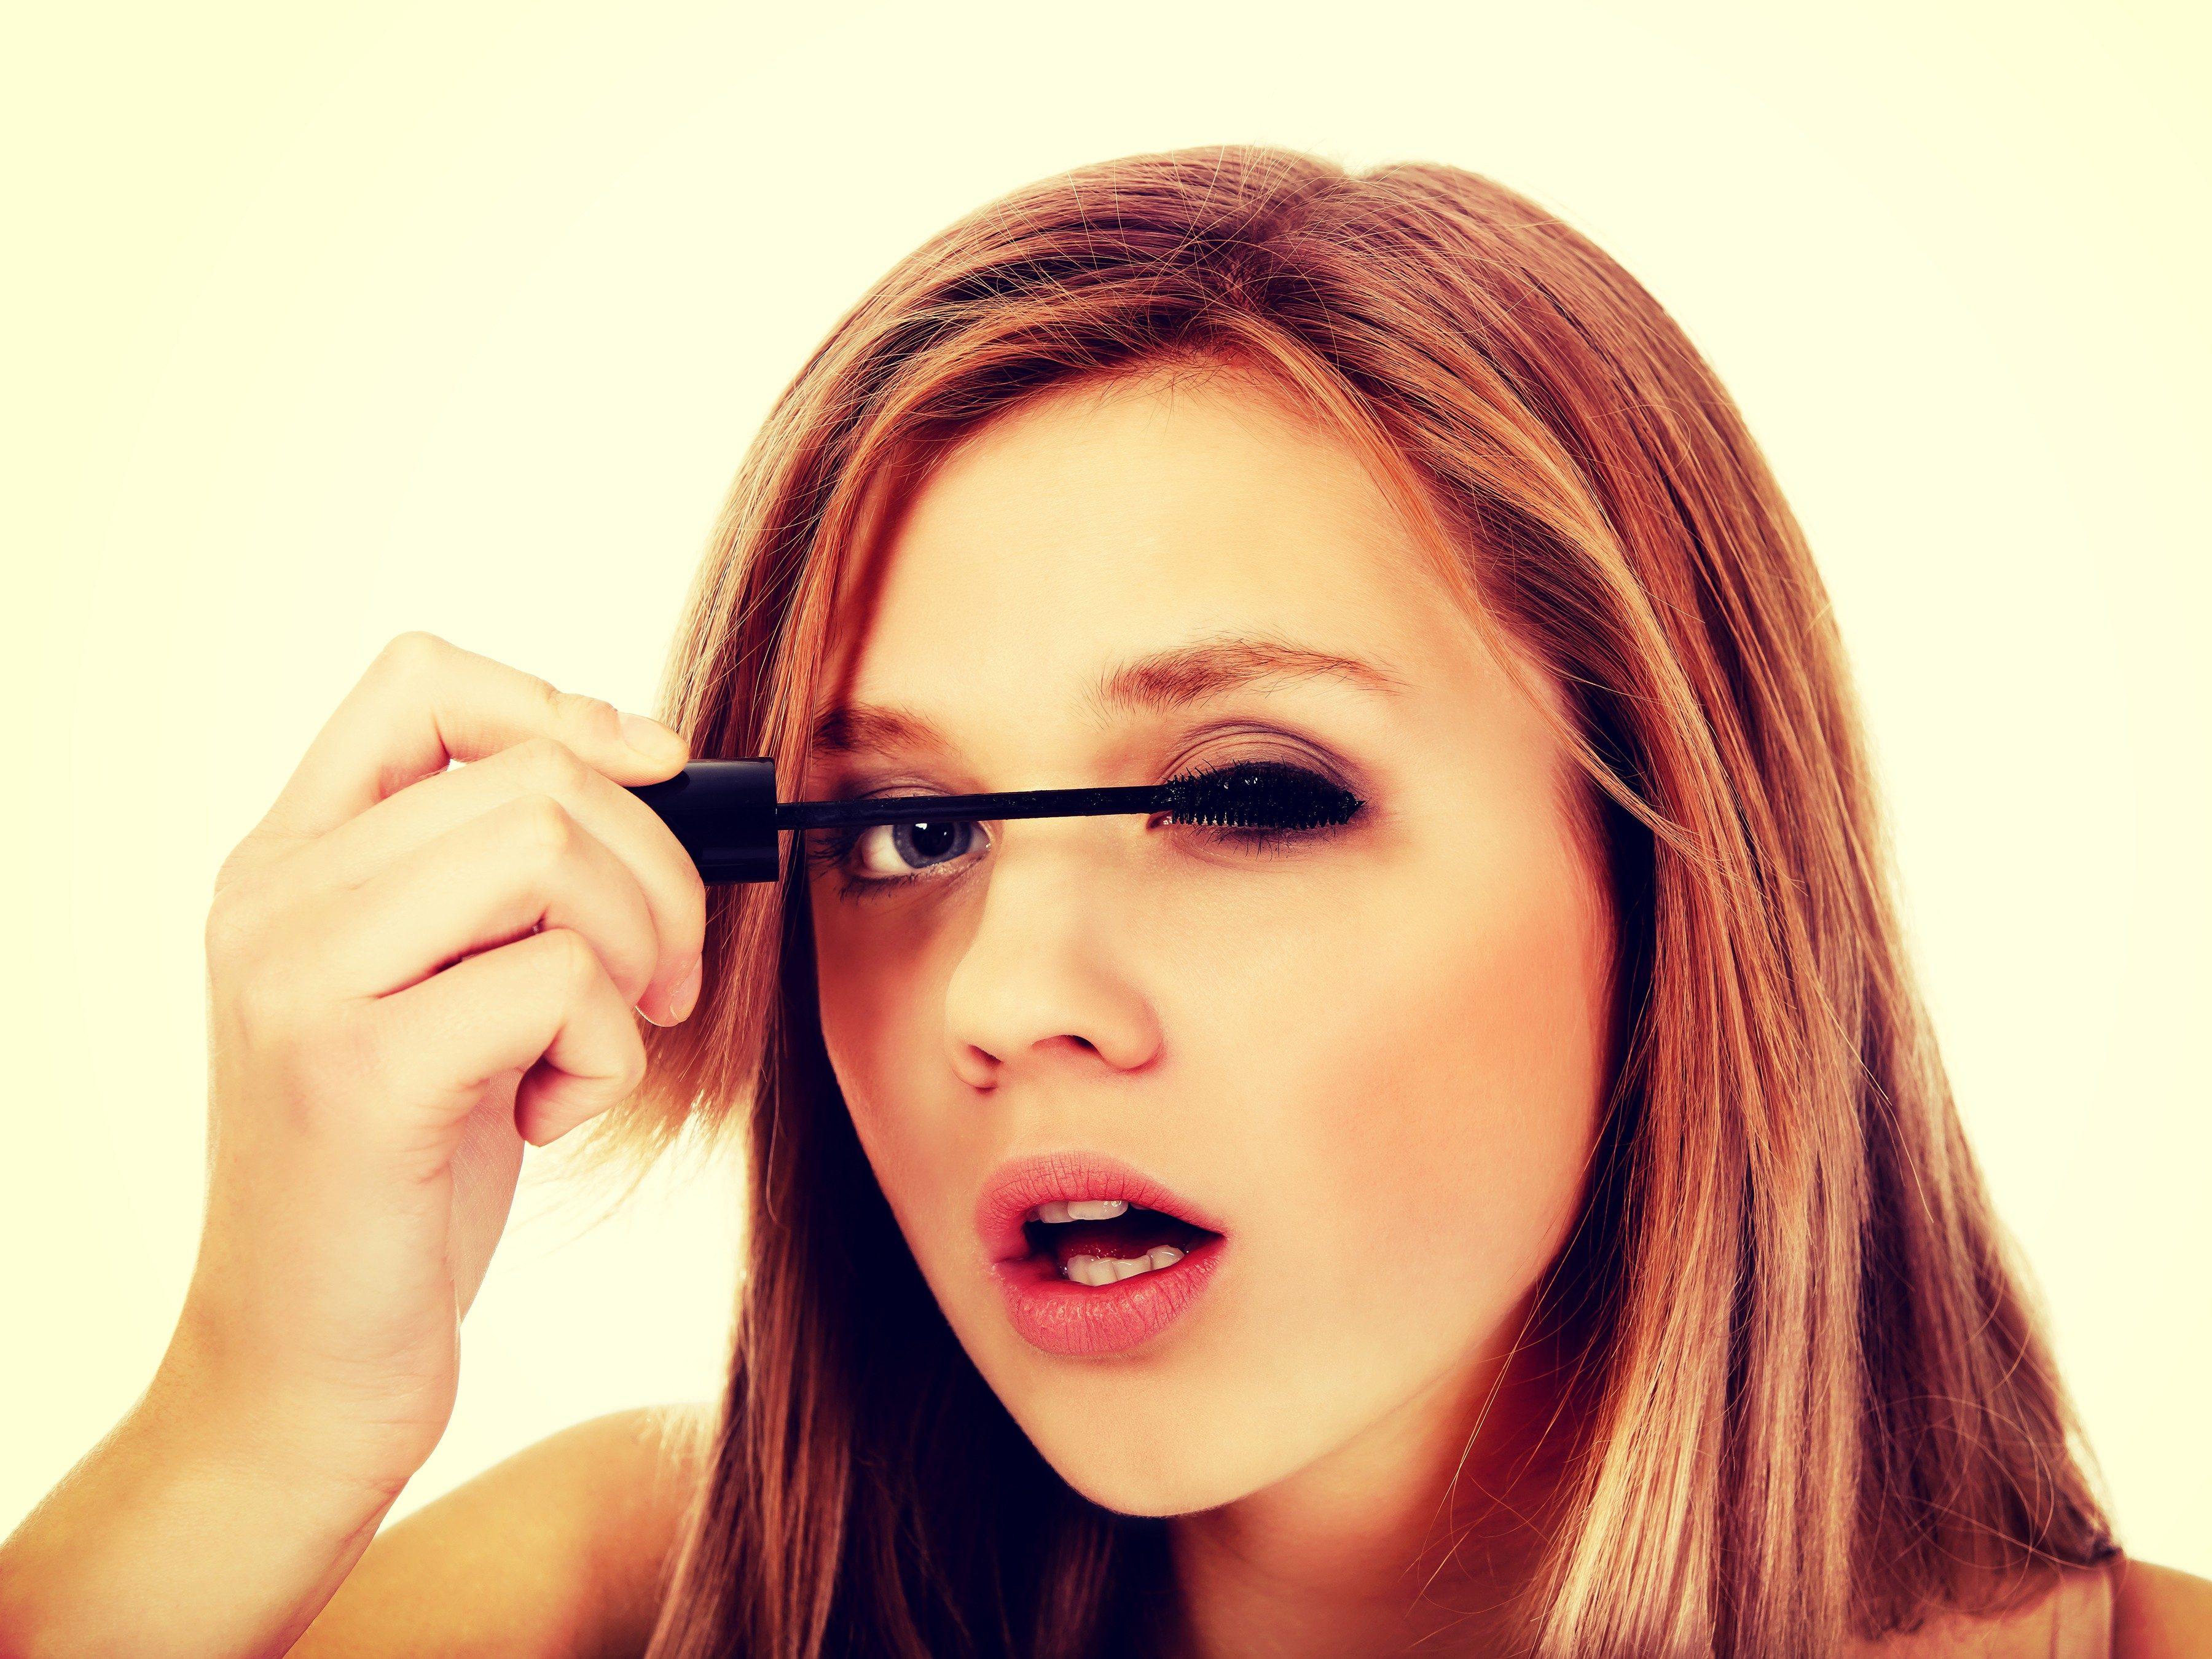 4. Toss your eye makeup